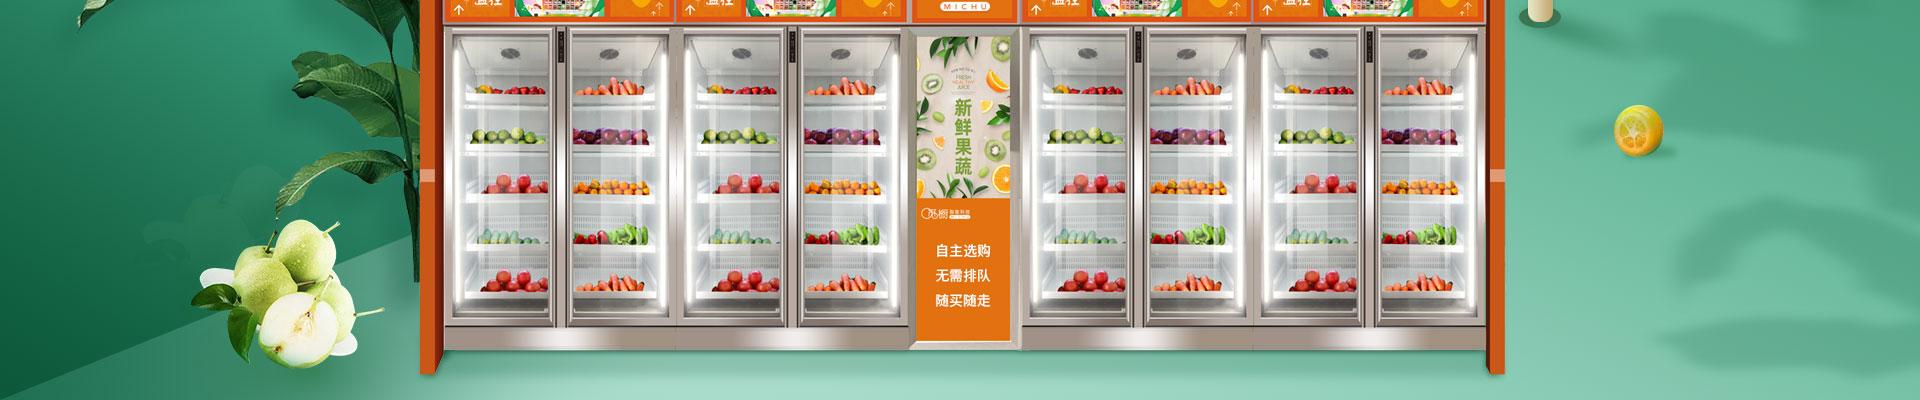 制冷保鲜柜 ZL-20图片